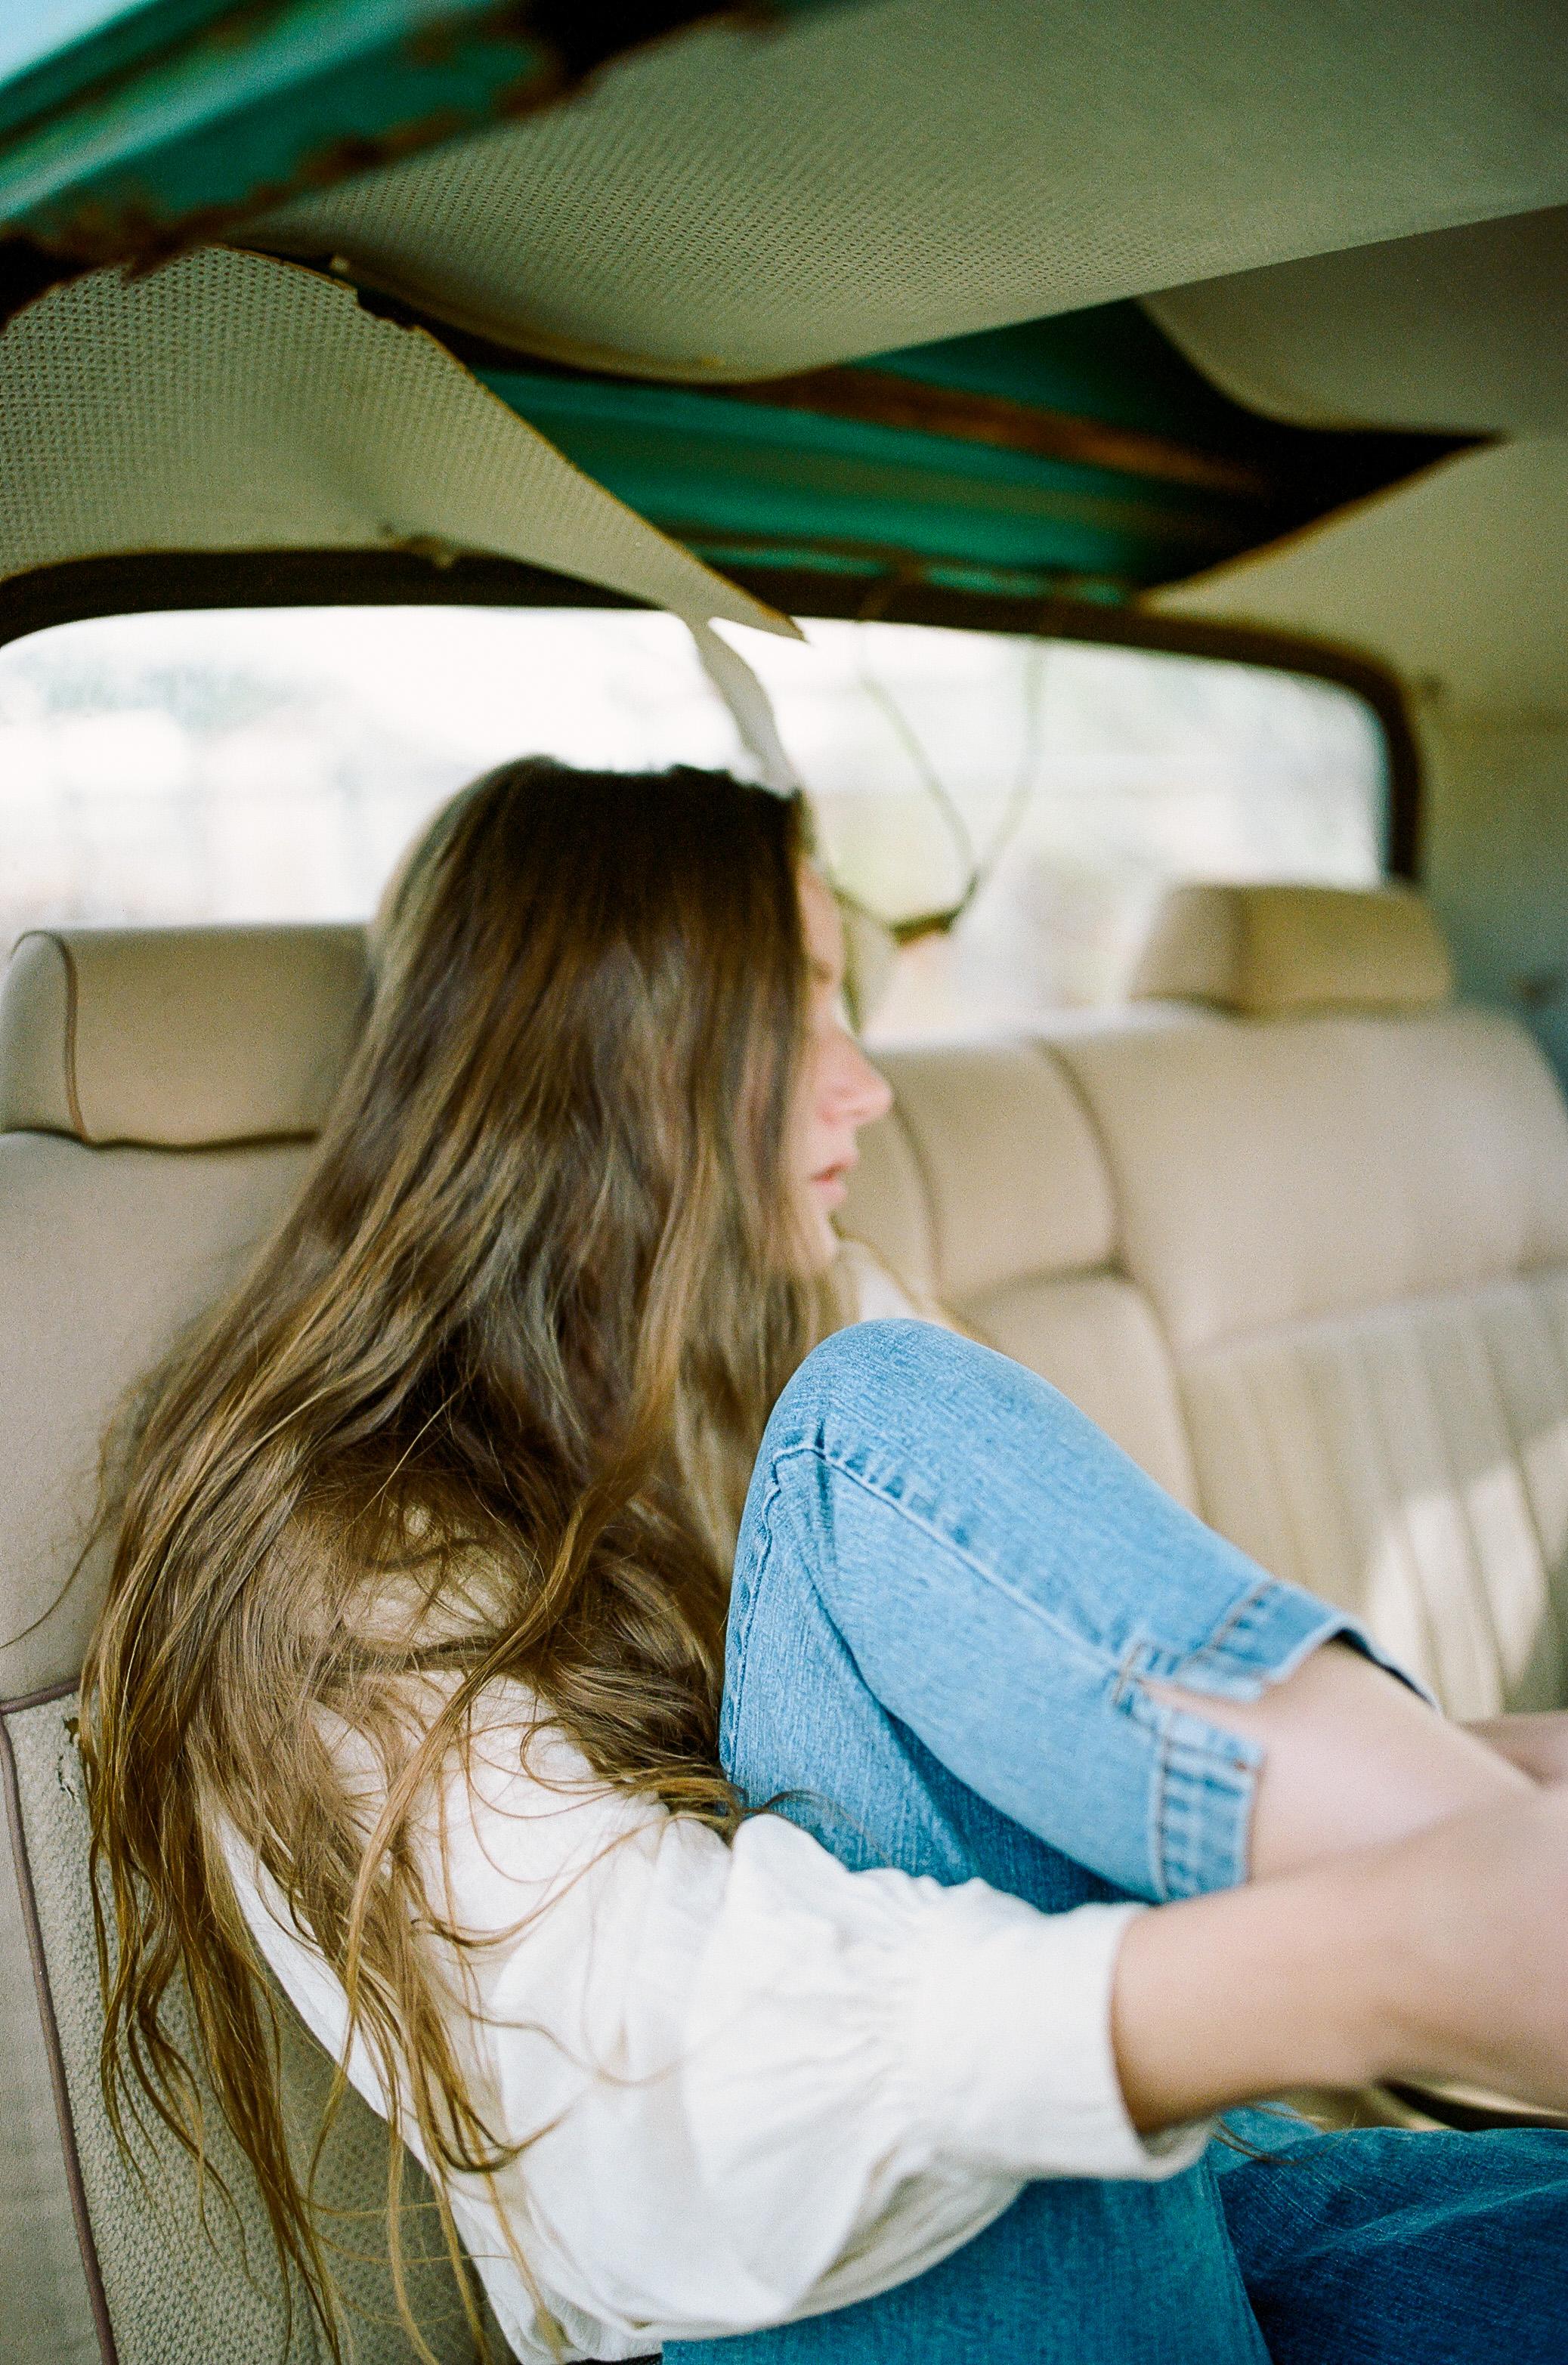 Lifestyle + Travel Photographer - Natalie Allen